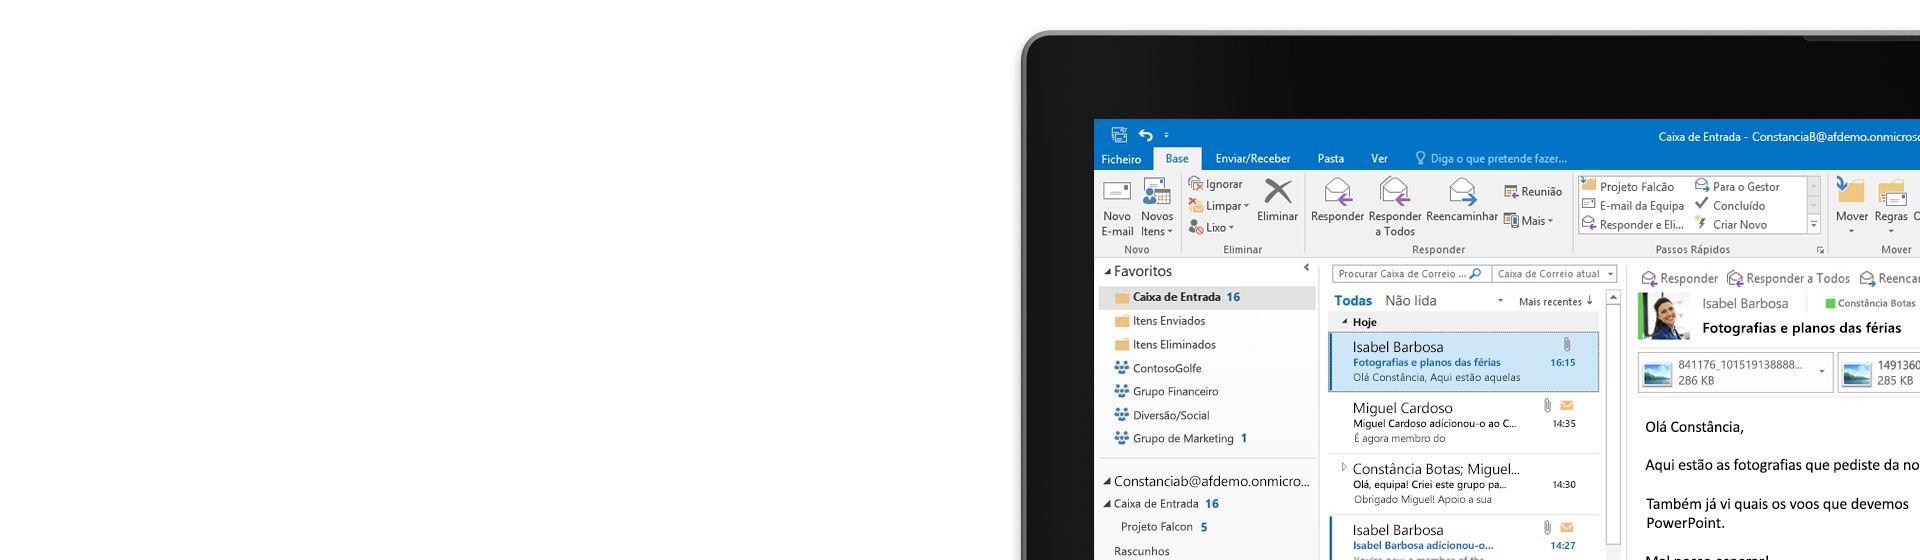 Um tablet a mostrar uma caixa de entrada do Microsoft Outlook 2016 com uma lista e pré-visualização de mensagens.